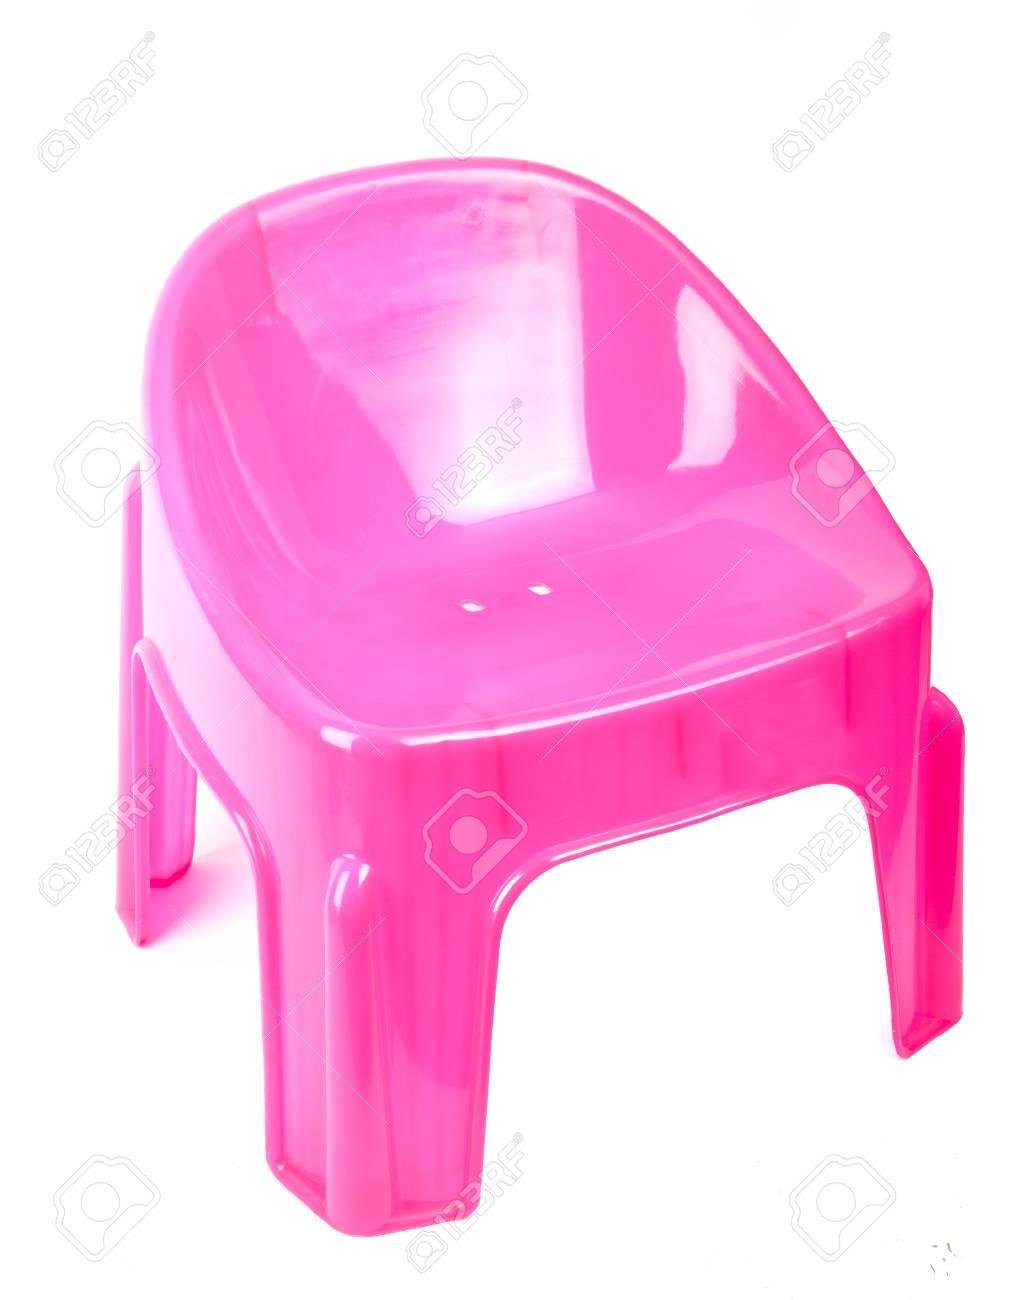 Sedia Di Plastica Rosa Isolato Su Sfondo Bianco Foto Royalty Free ...